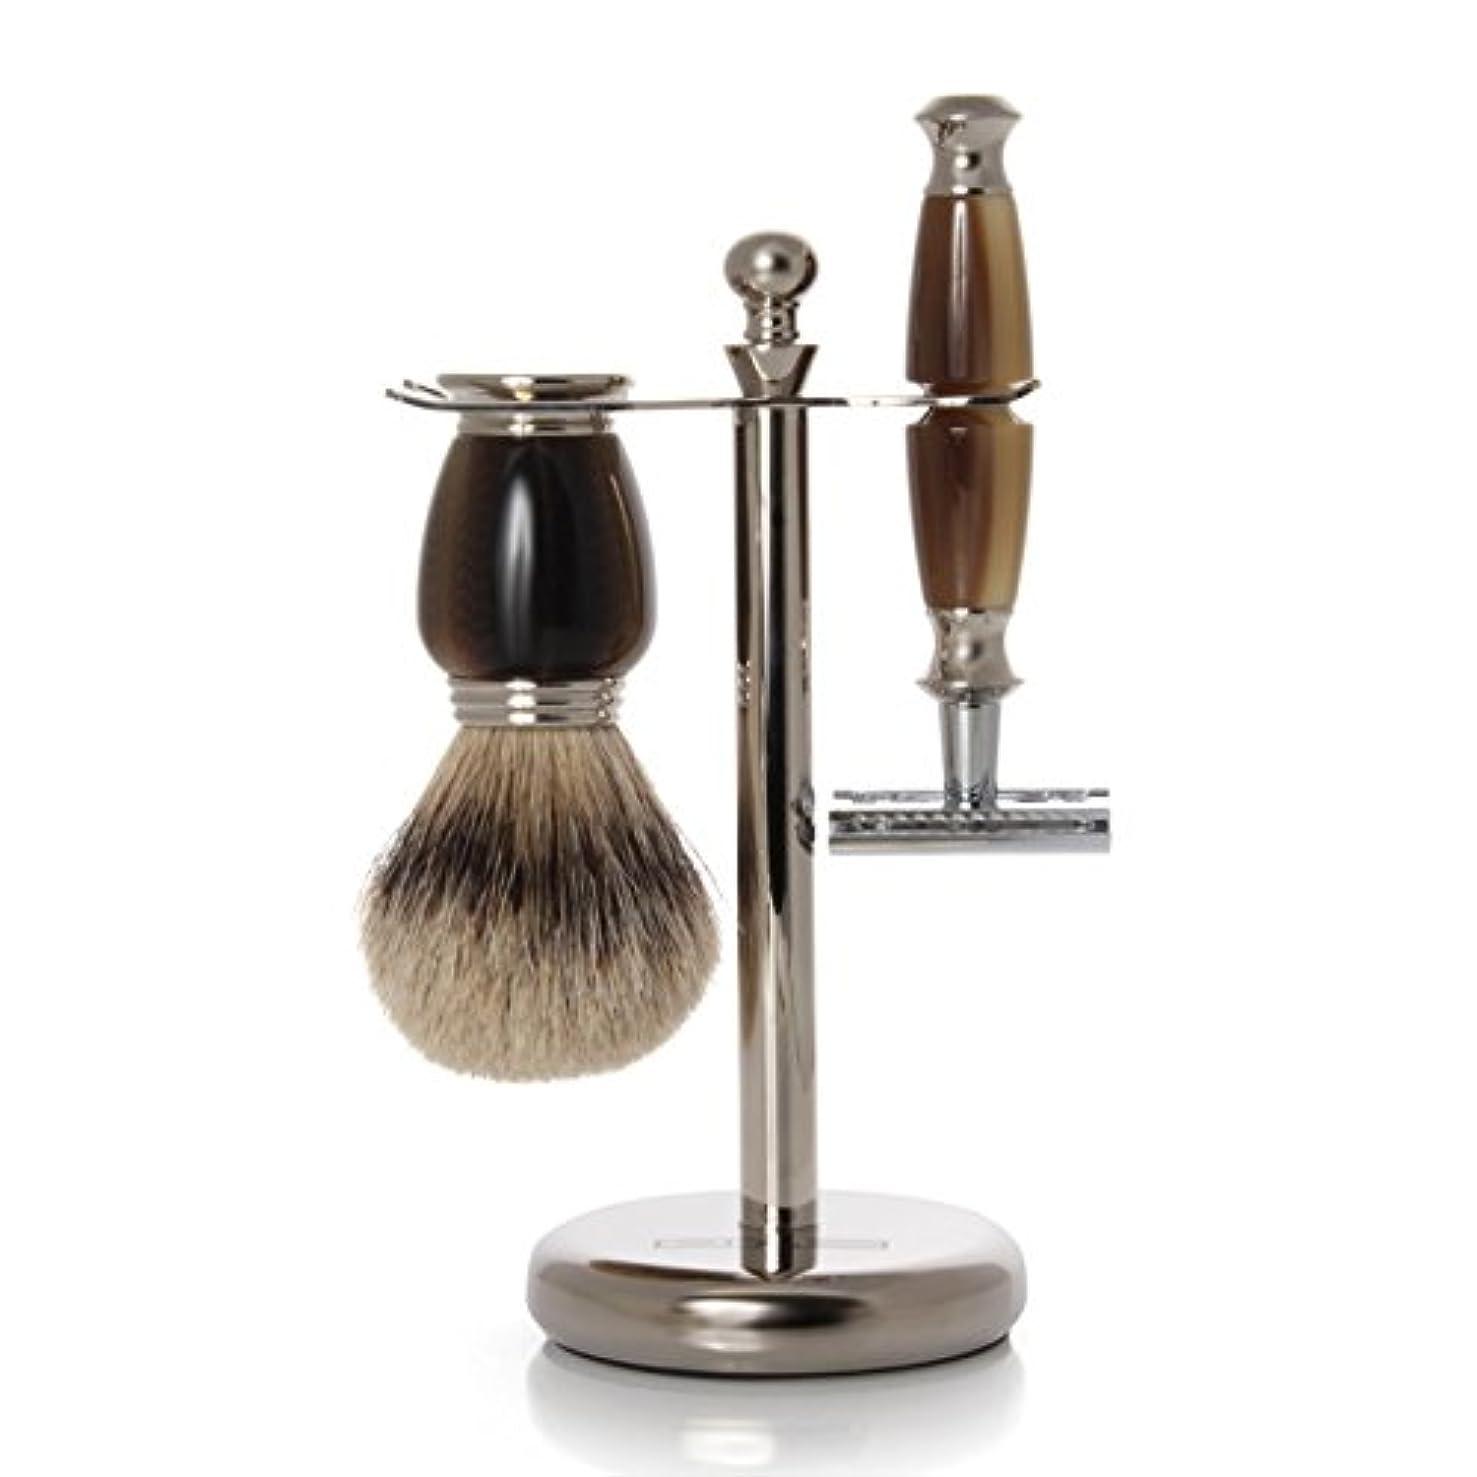 委託もの血統GOLDDACHS Shaving Set, Safety Razor, Silvertip, Galalith